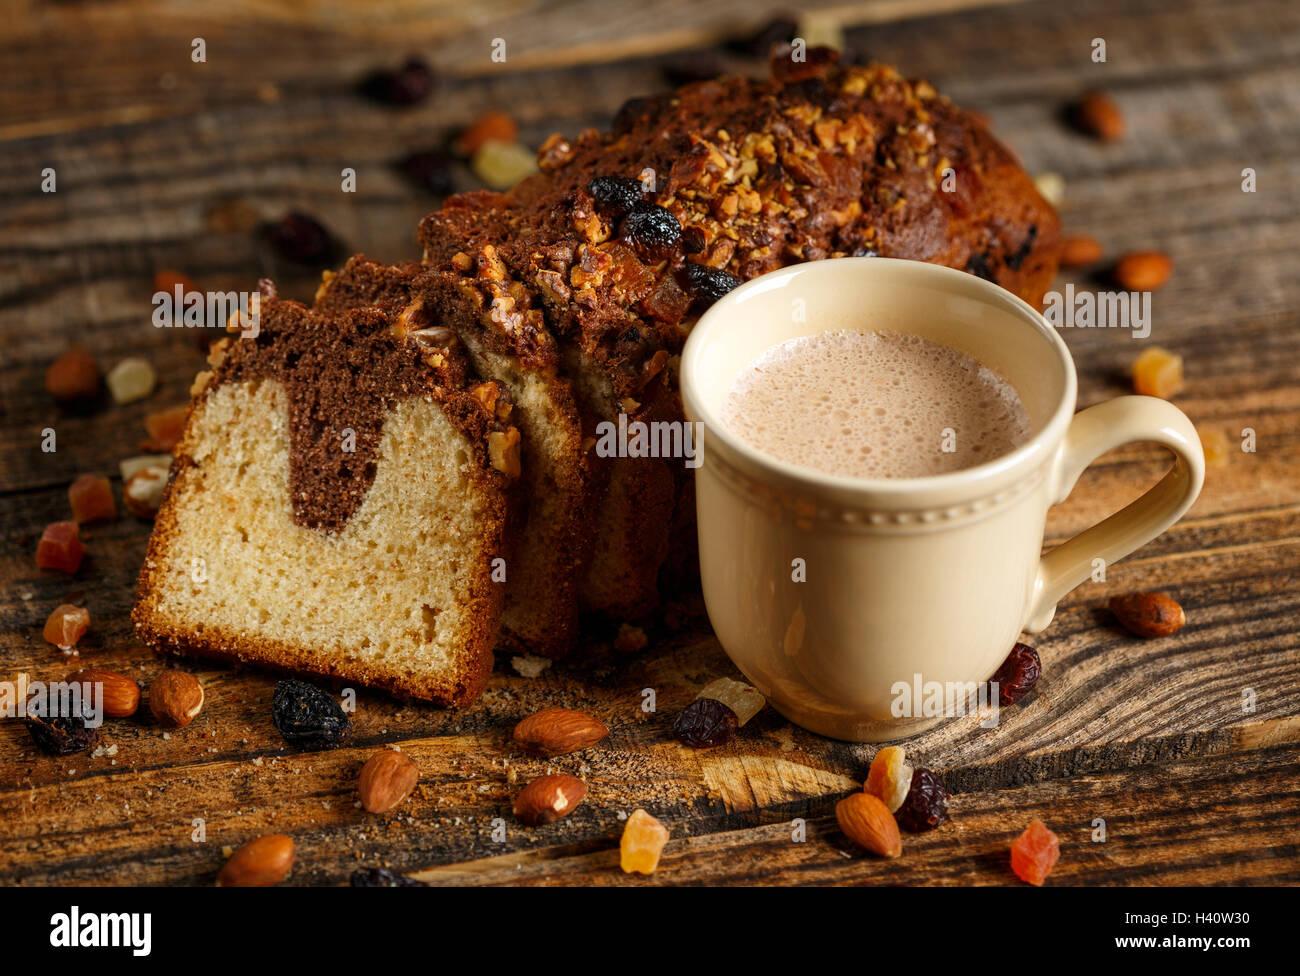 La colazione del mattino con cappuccino e laghetto torta con frutta secca Immagini Stock